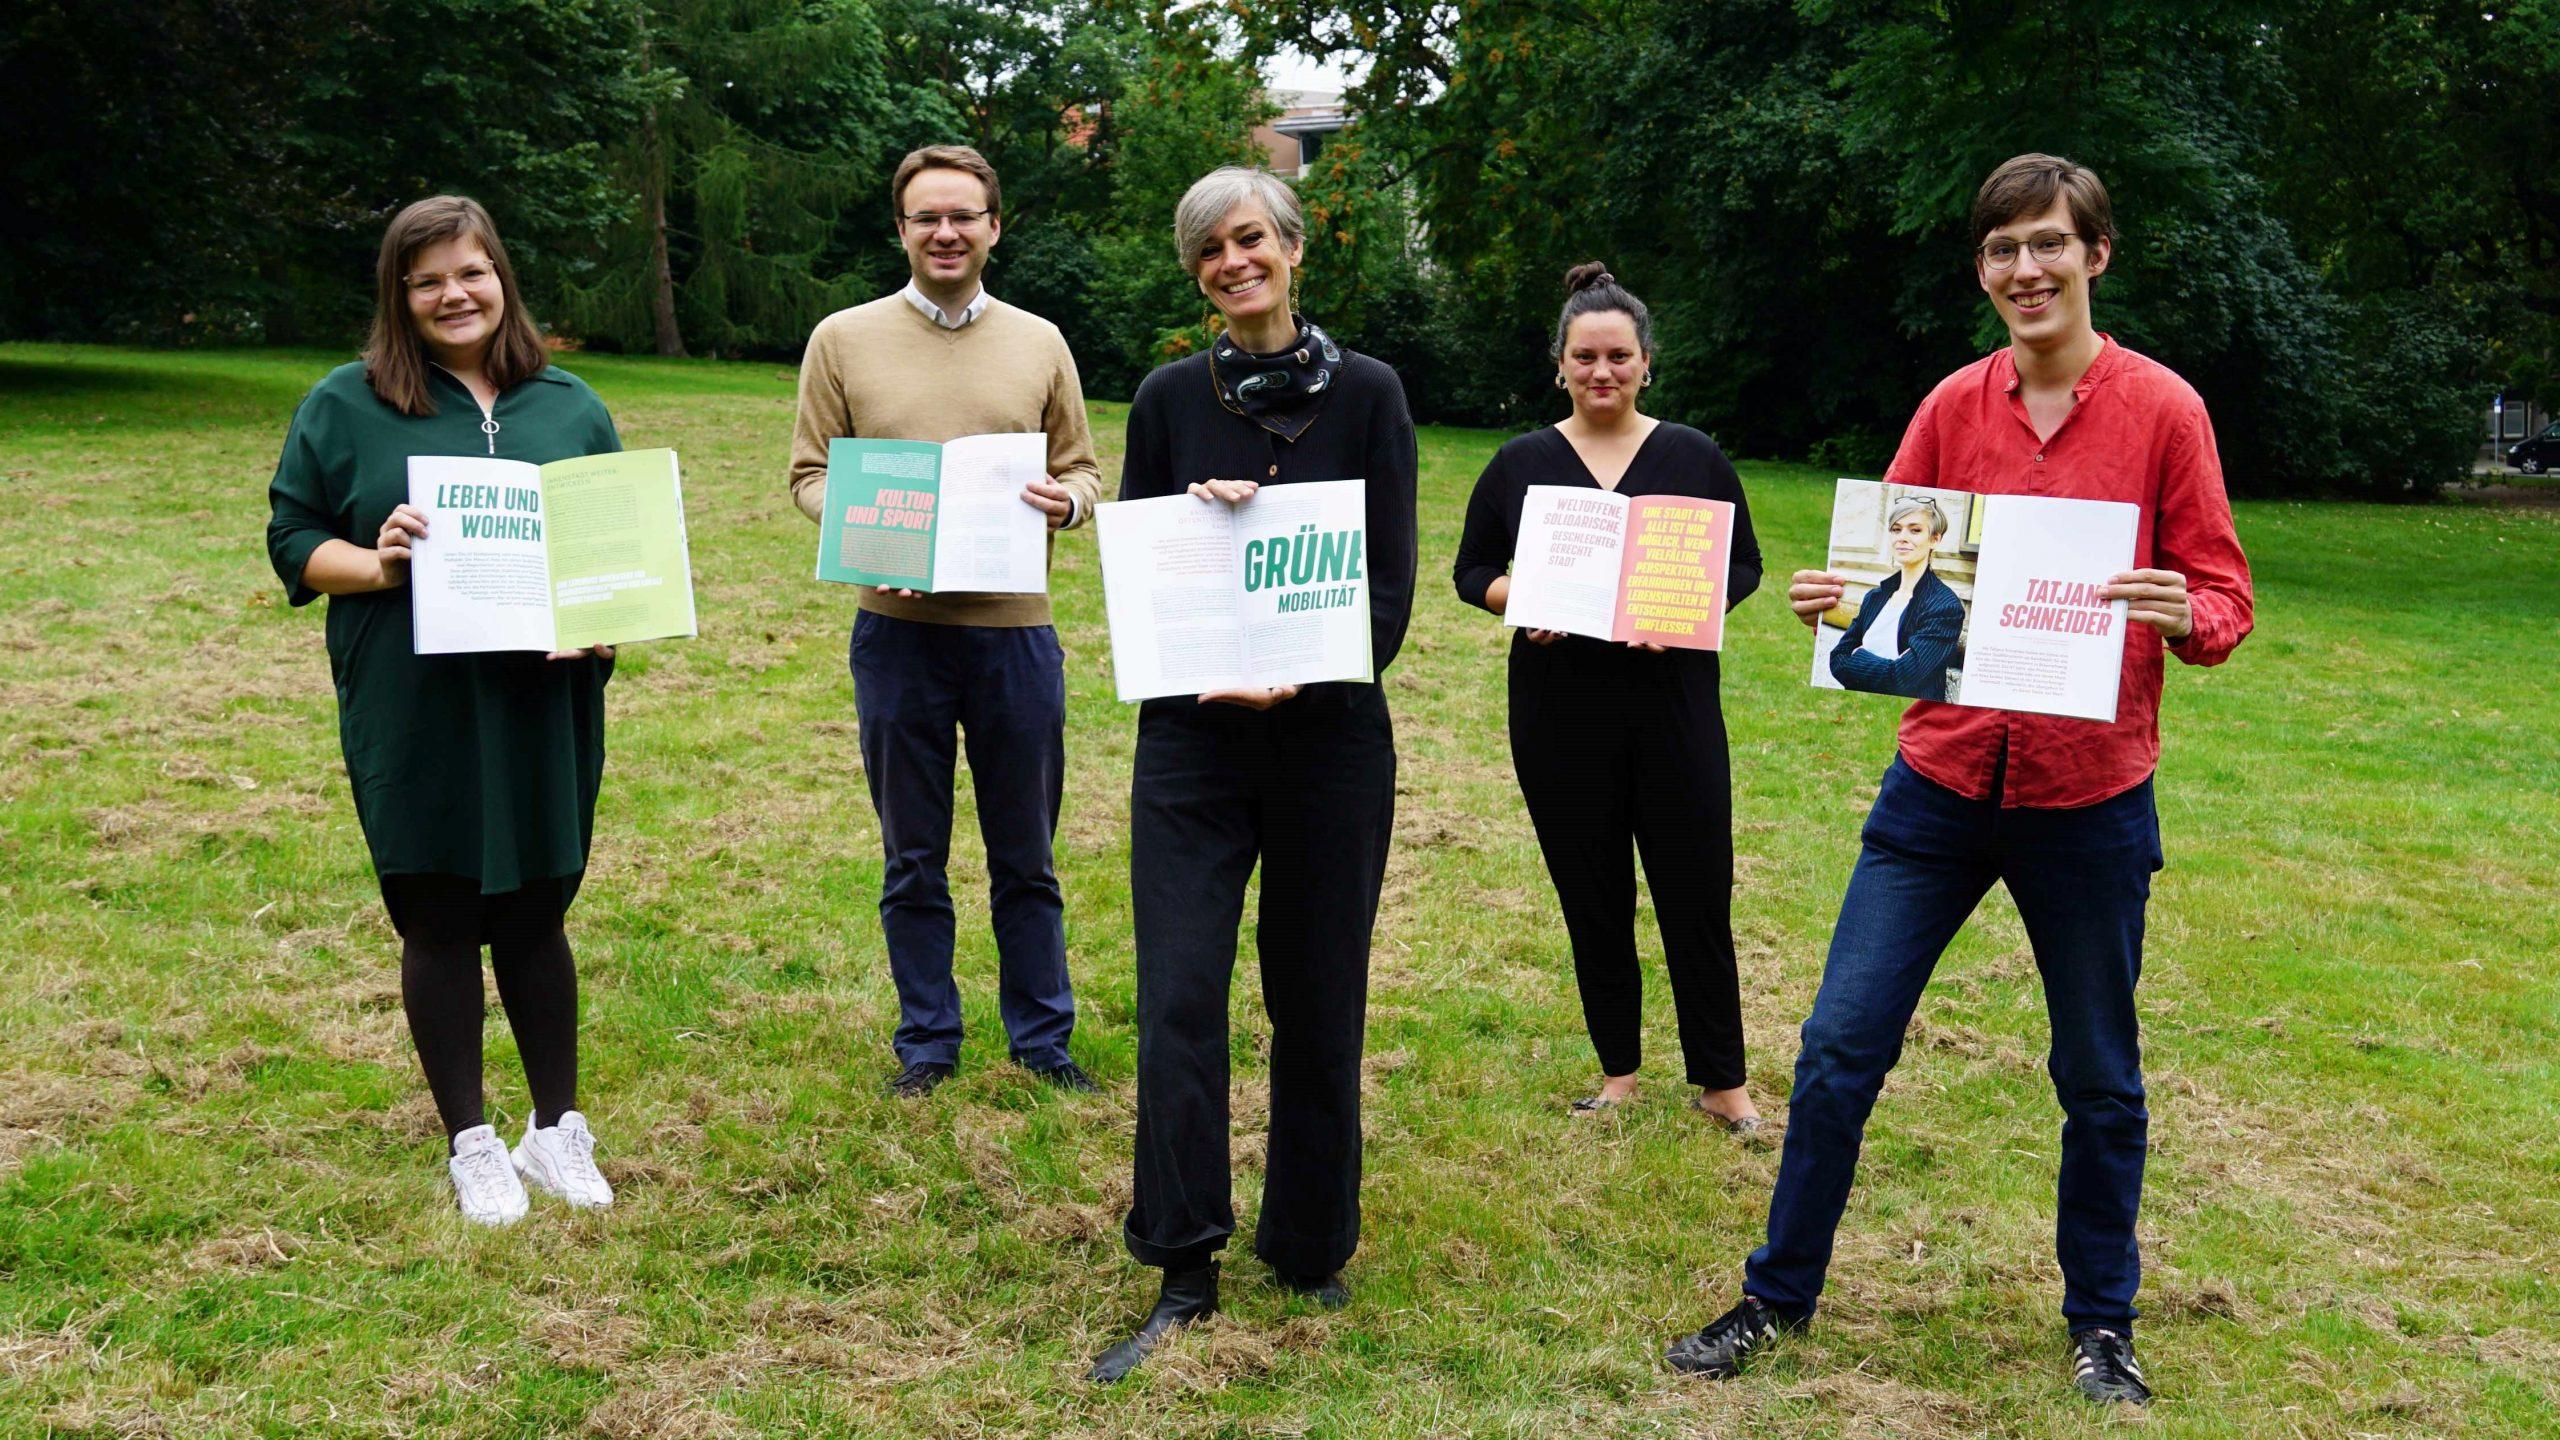 Kommunalwahl 2021 – Grünes Programm für Braunschweig